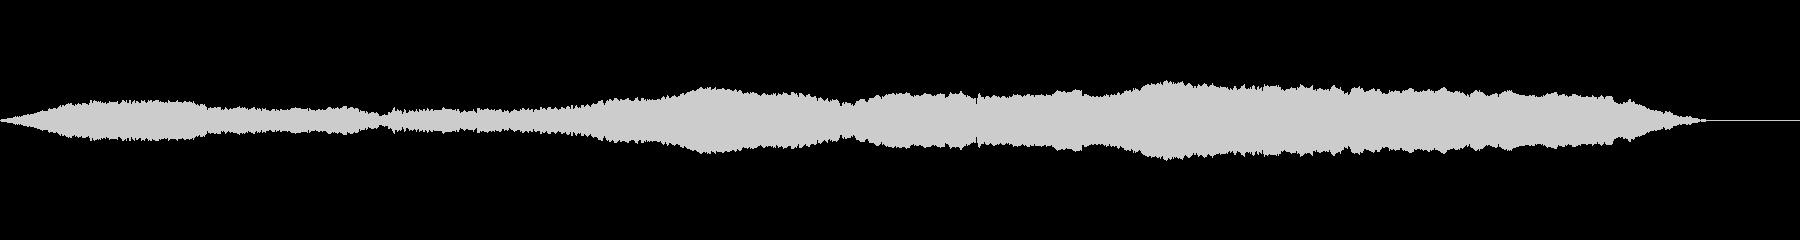 花火、ホイッスル2の未再生の波形